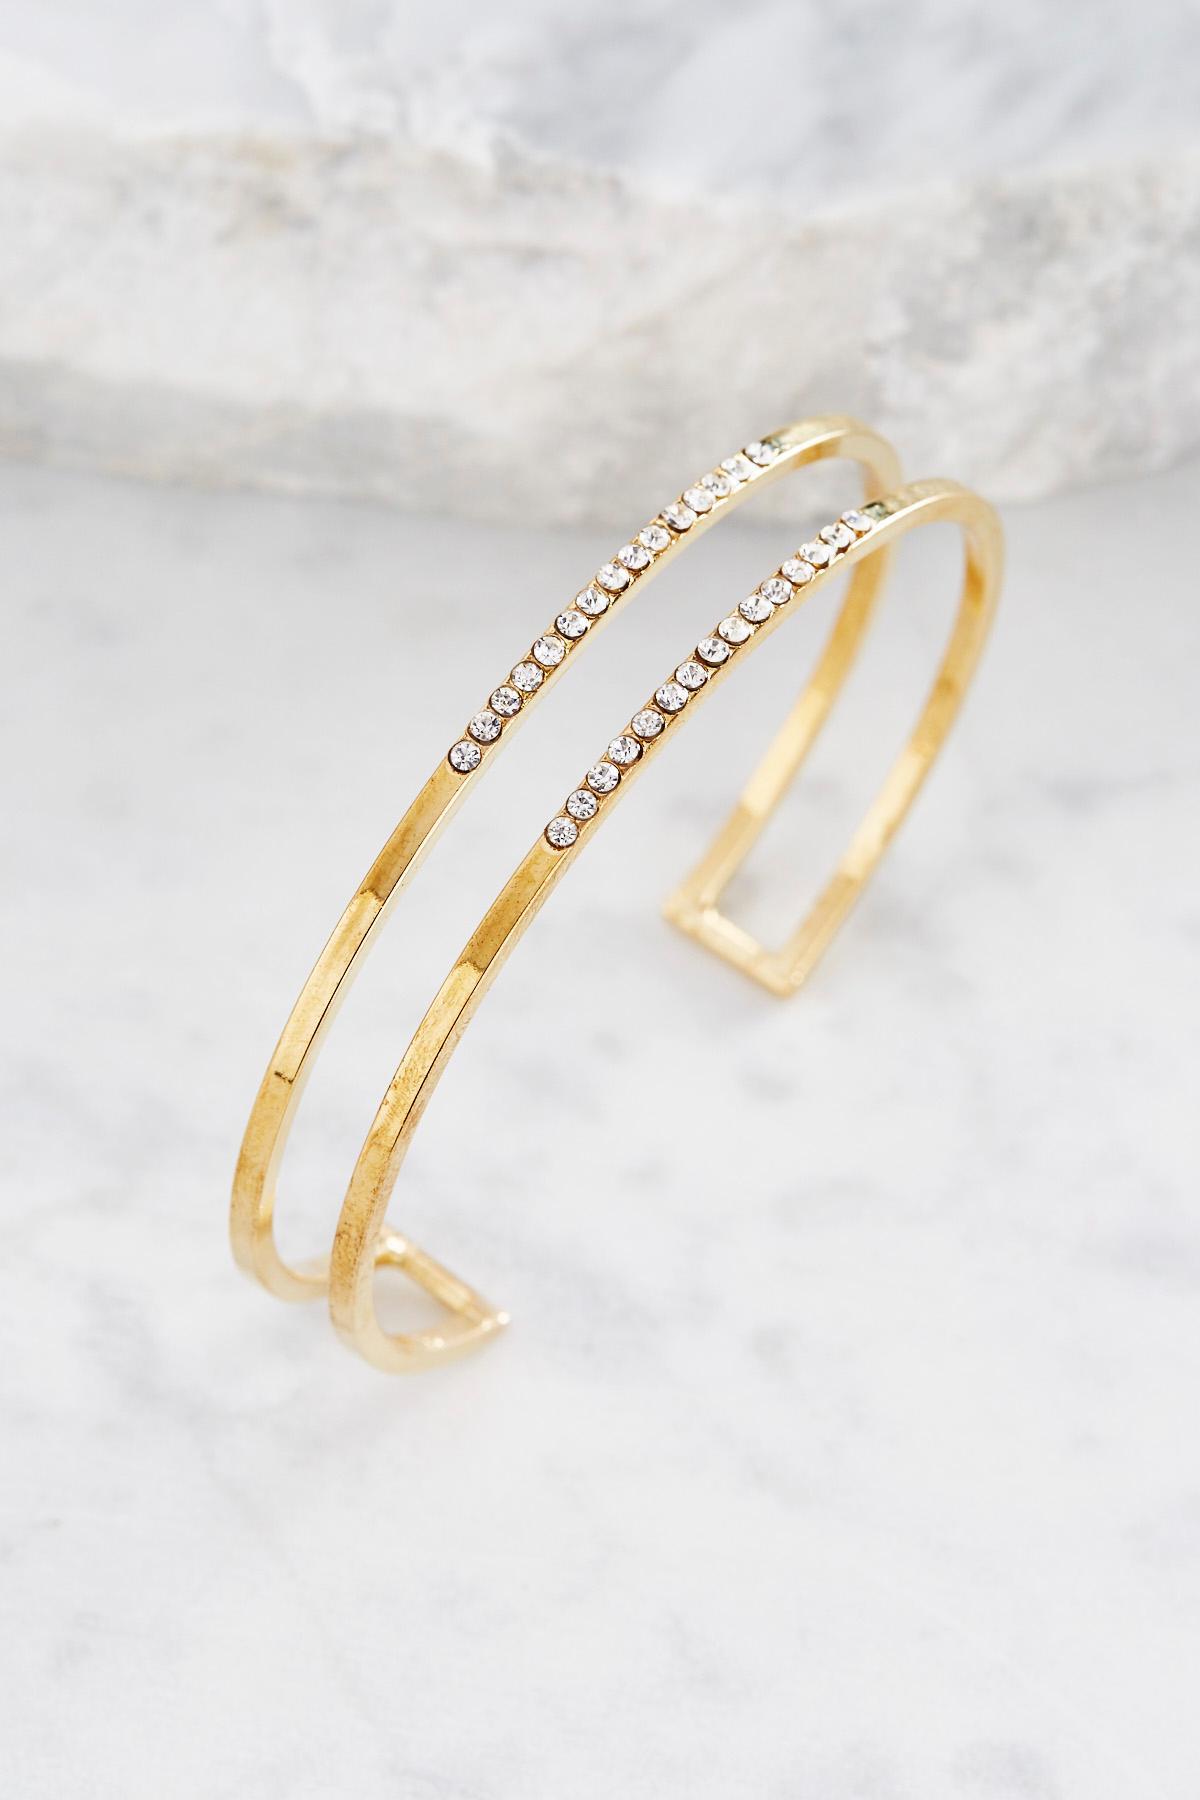 Pave Double Skinny Cuff Bracelet